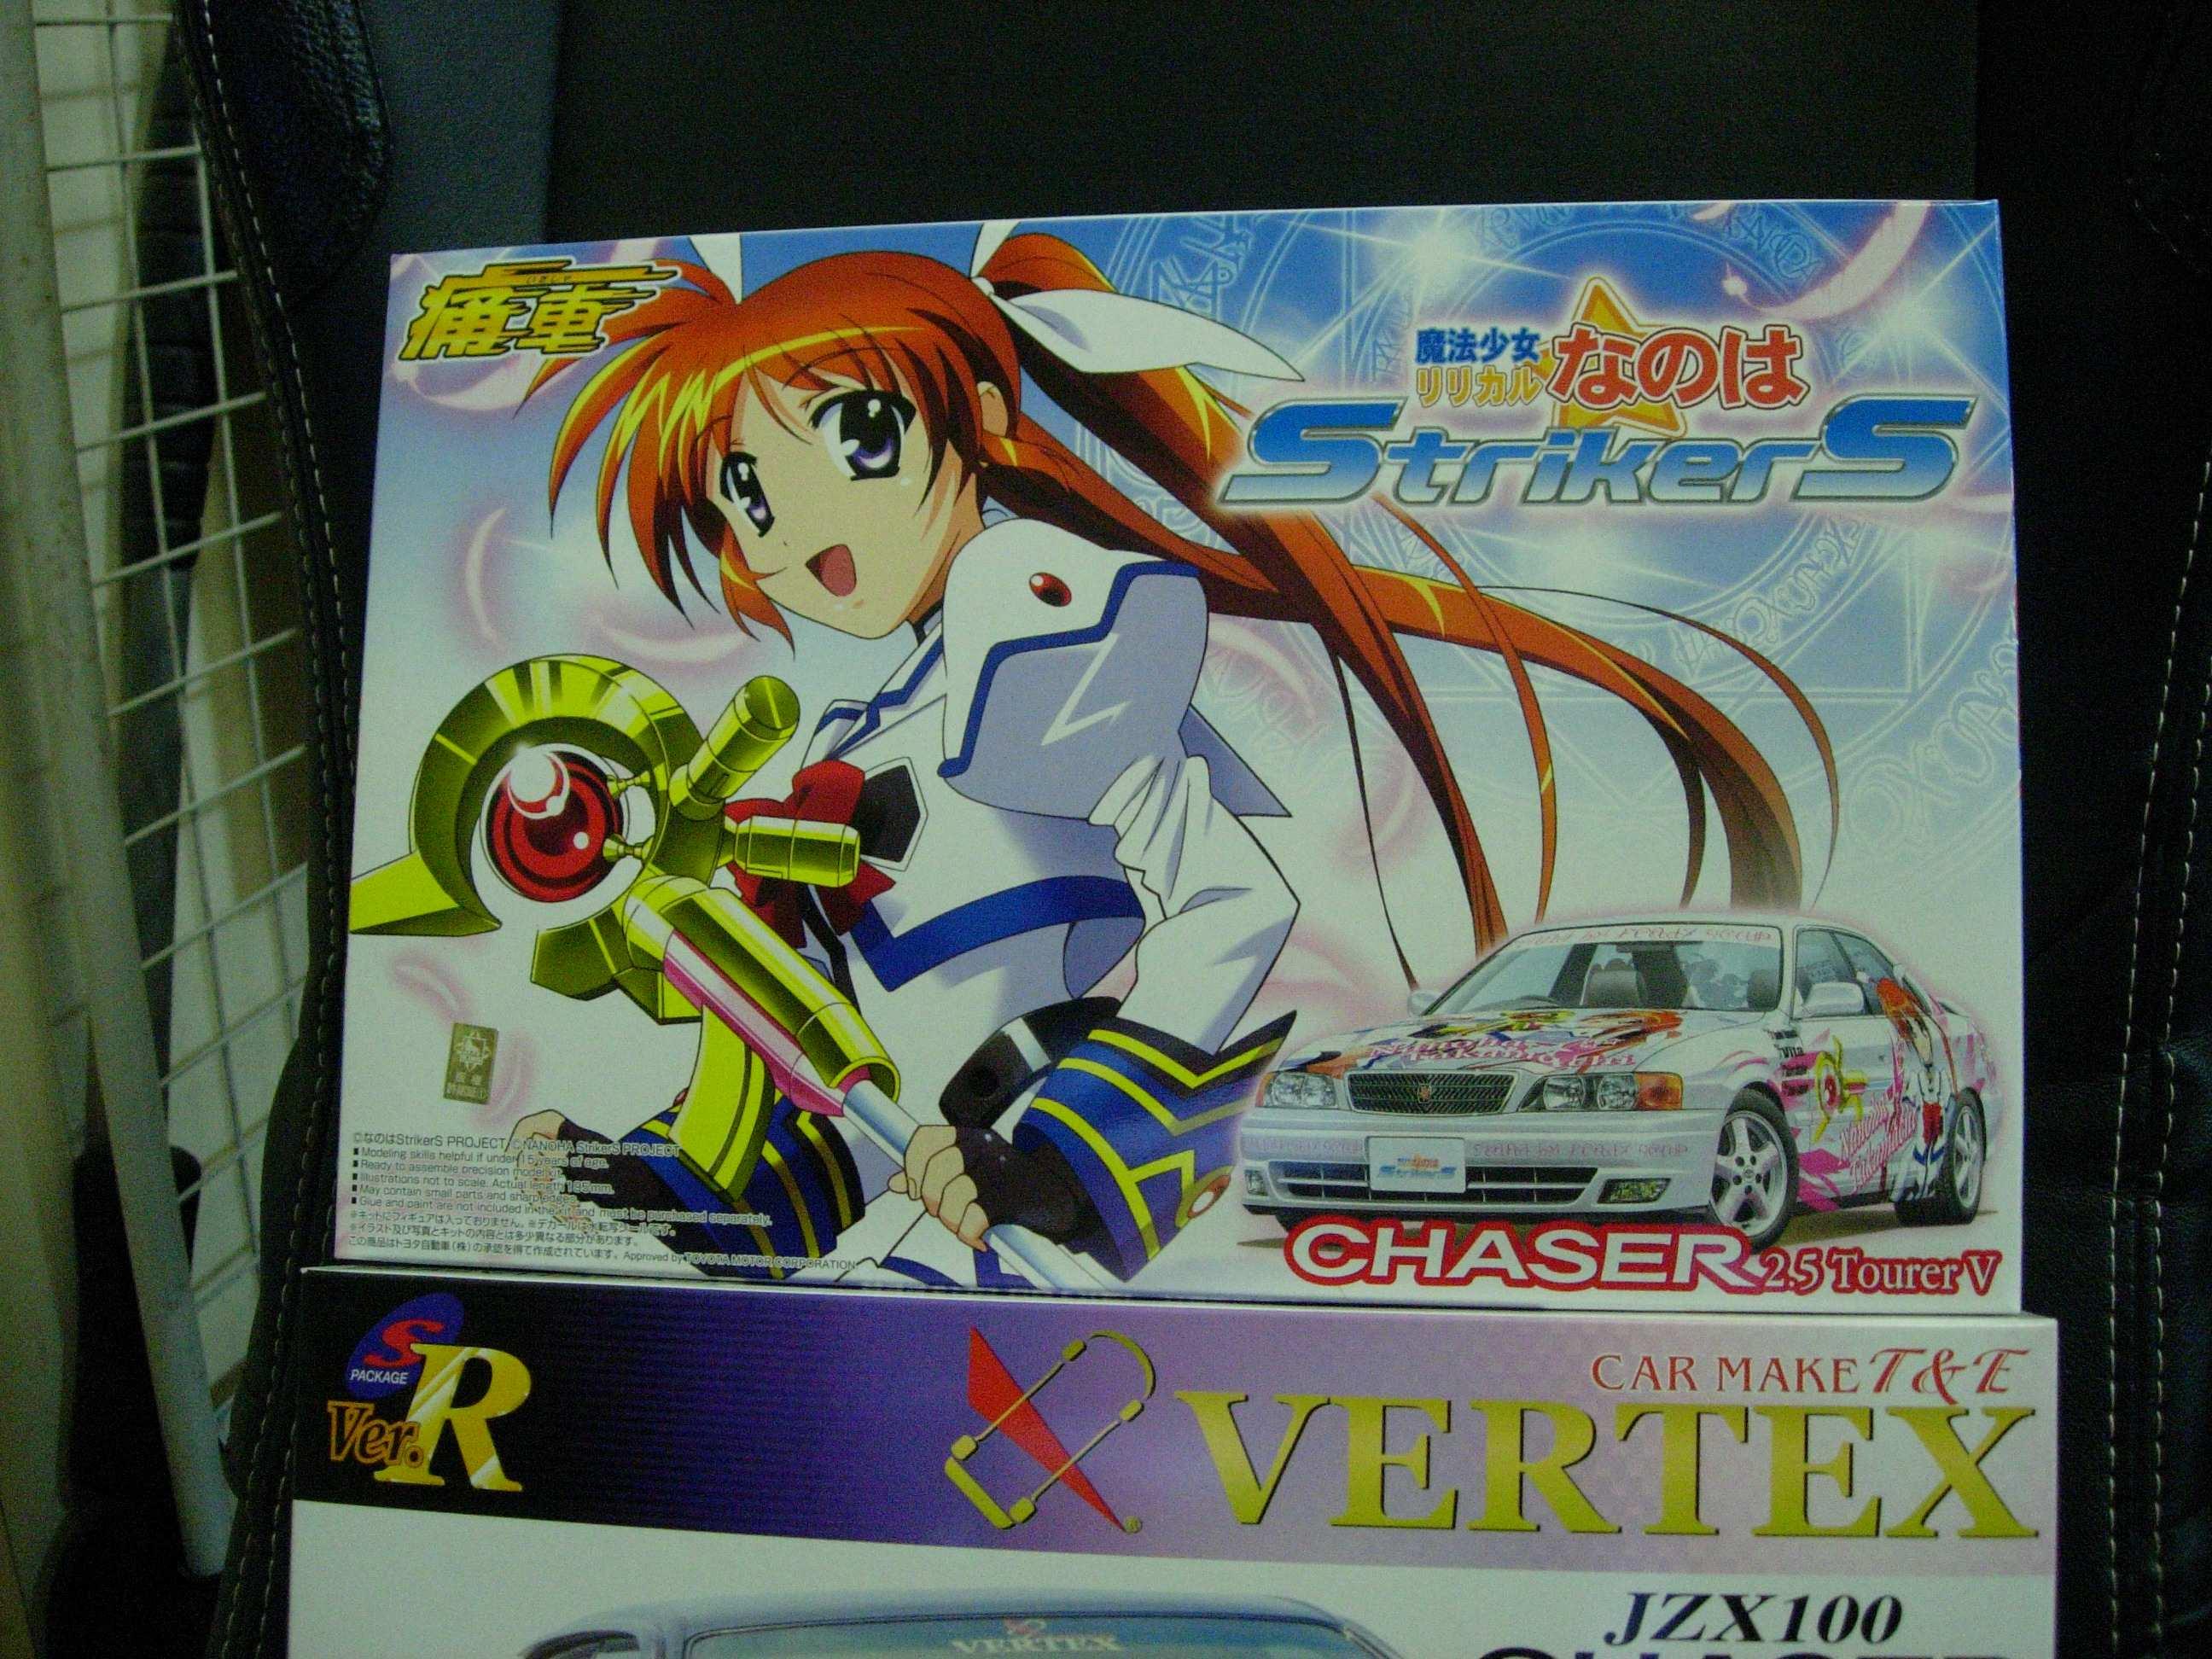 Vertex_nanoha02.jpg